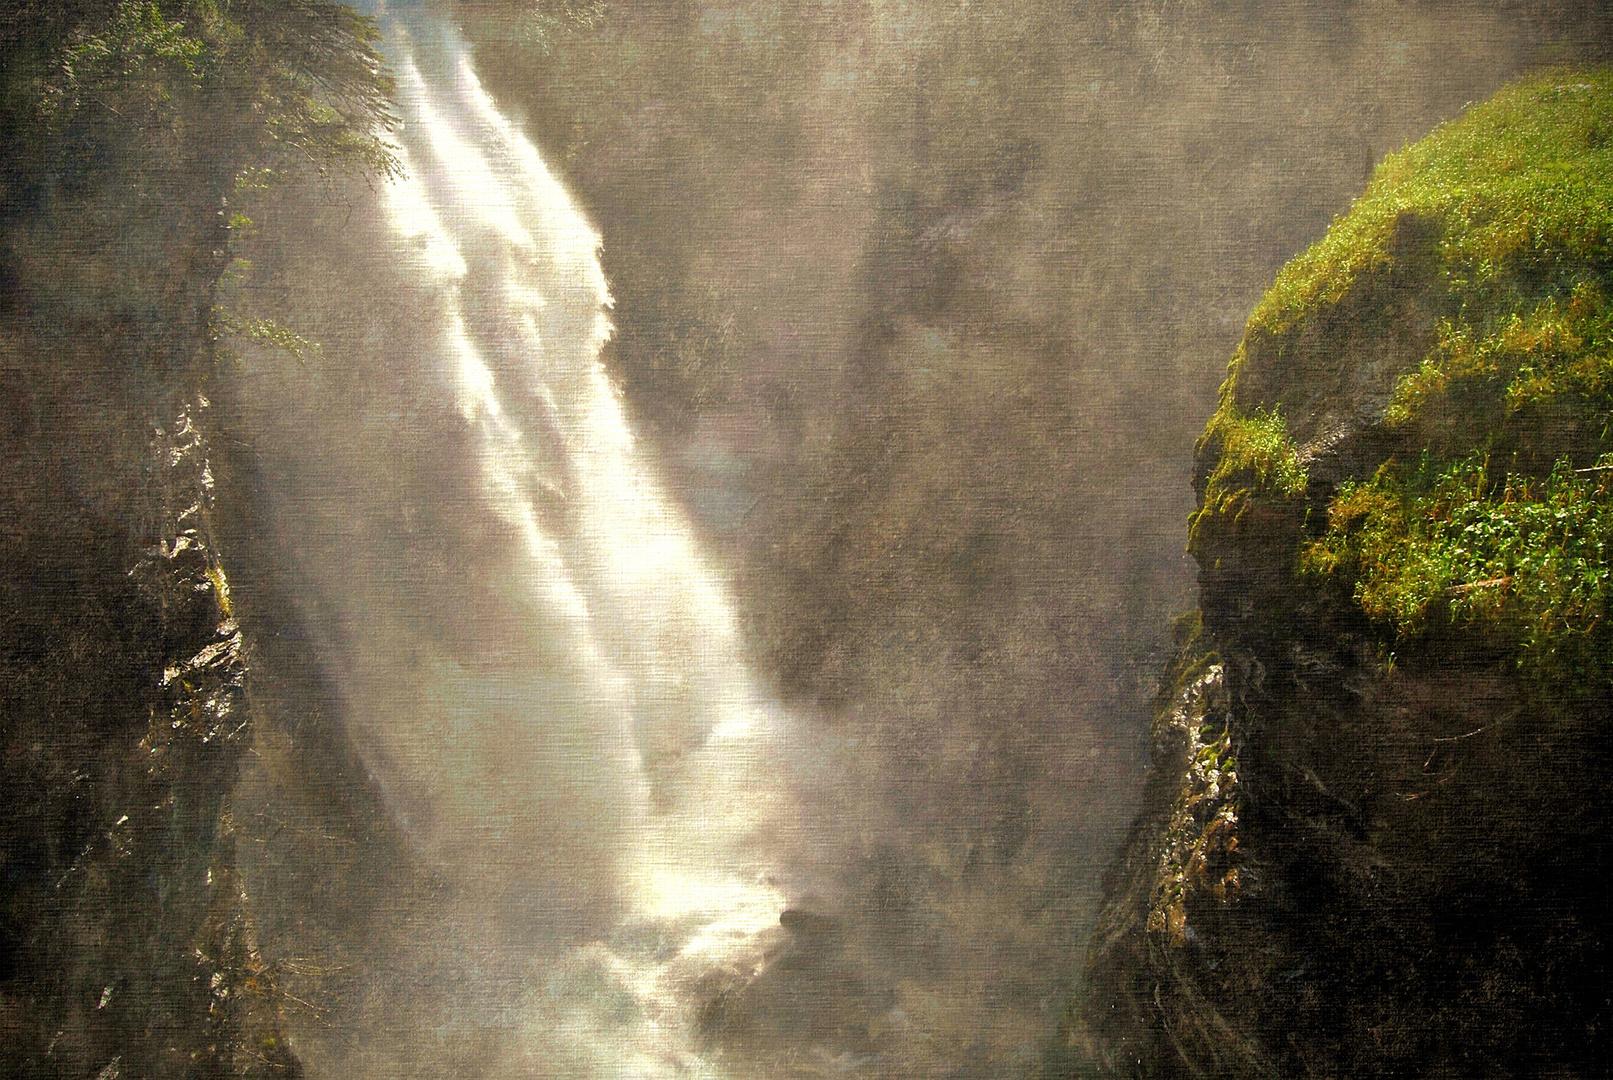 La cascata sull'abisso